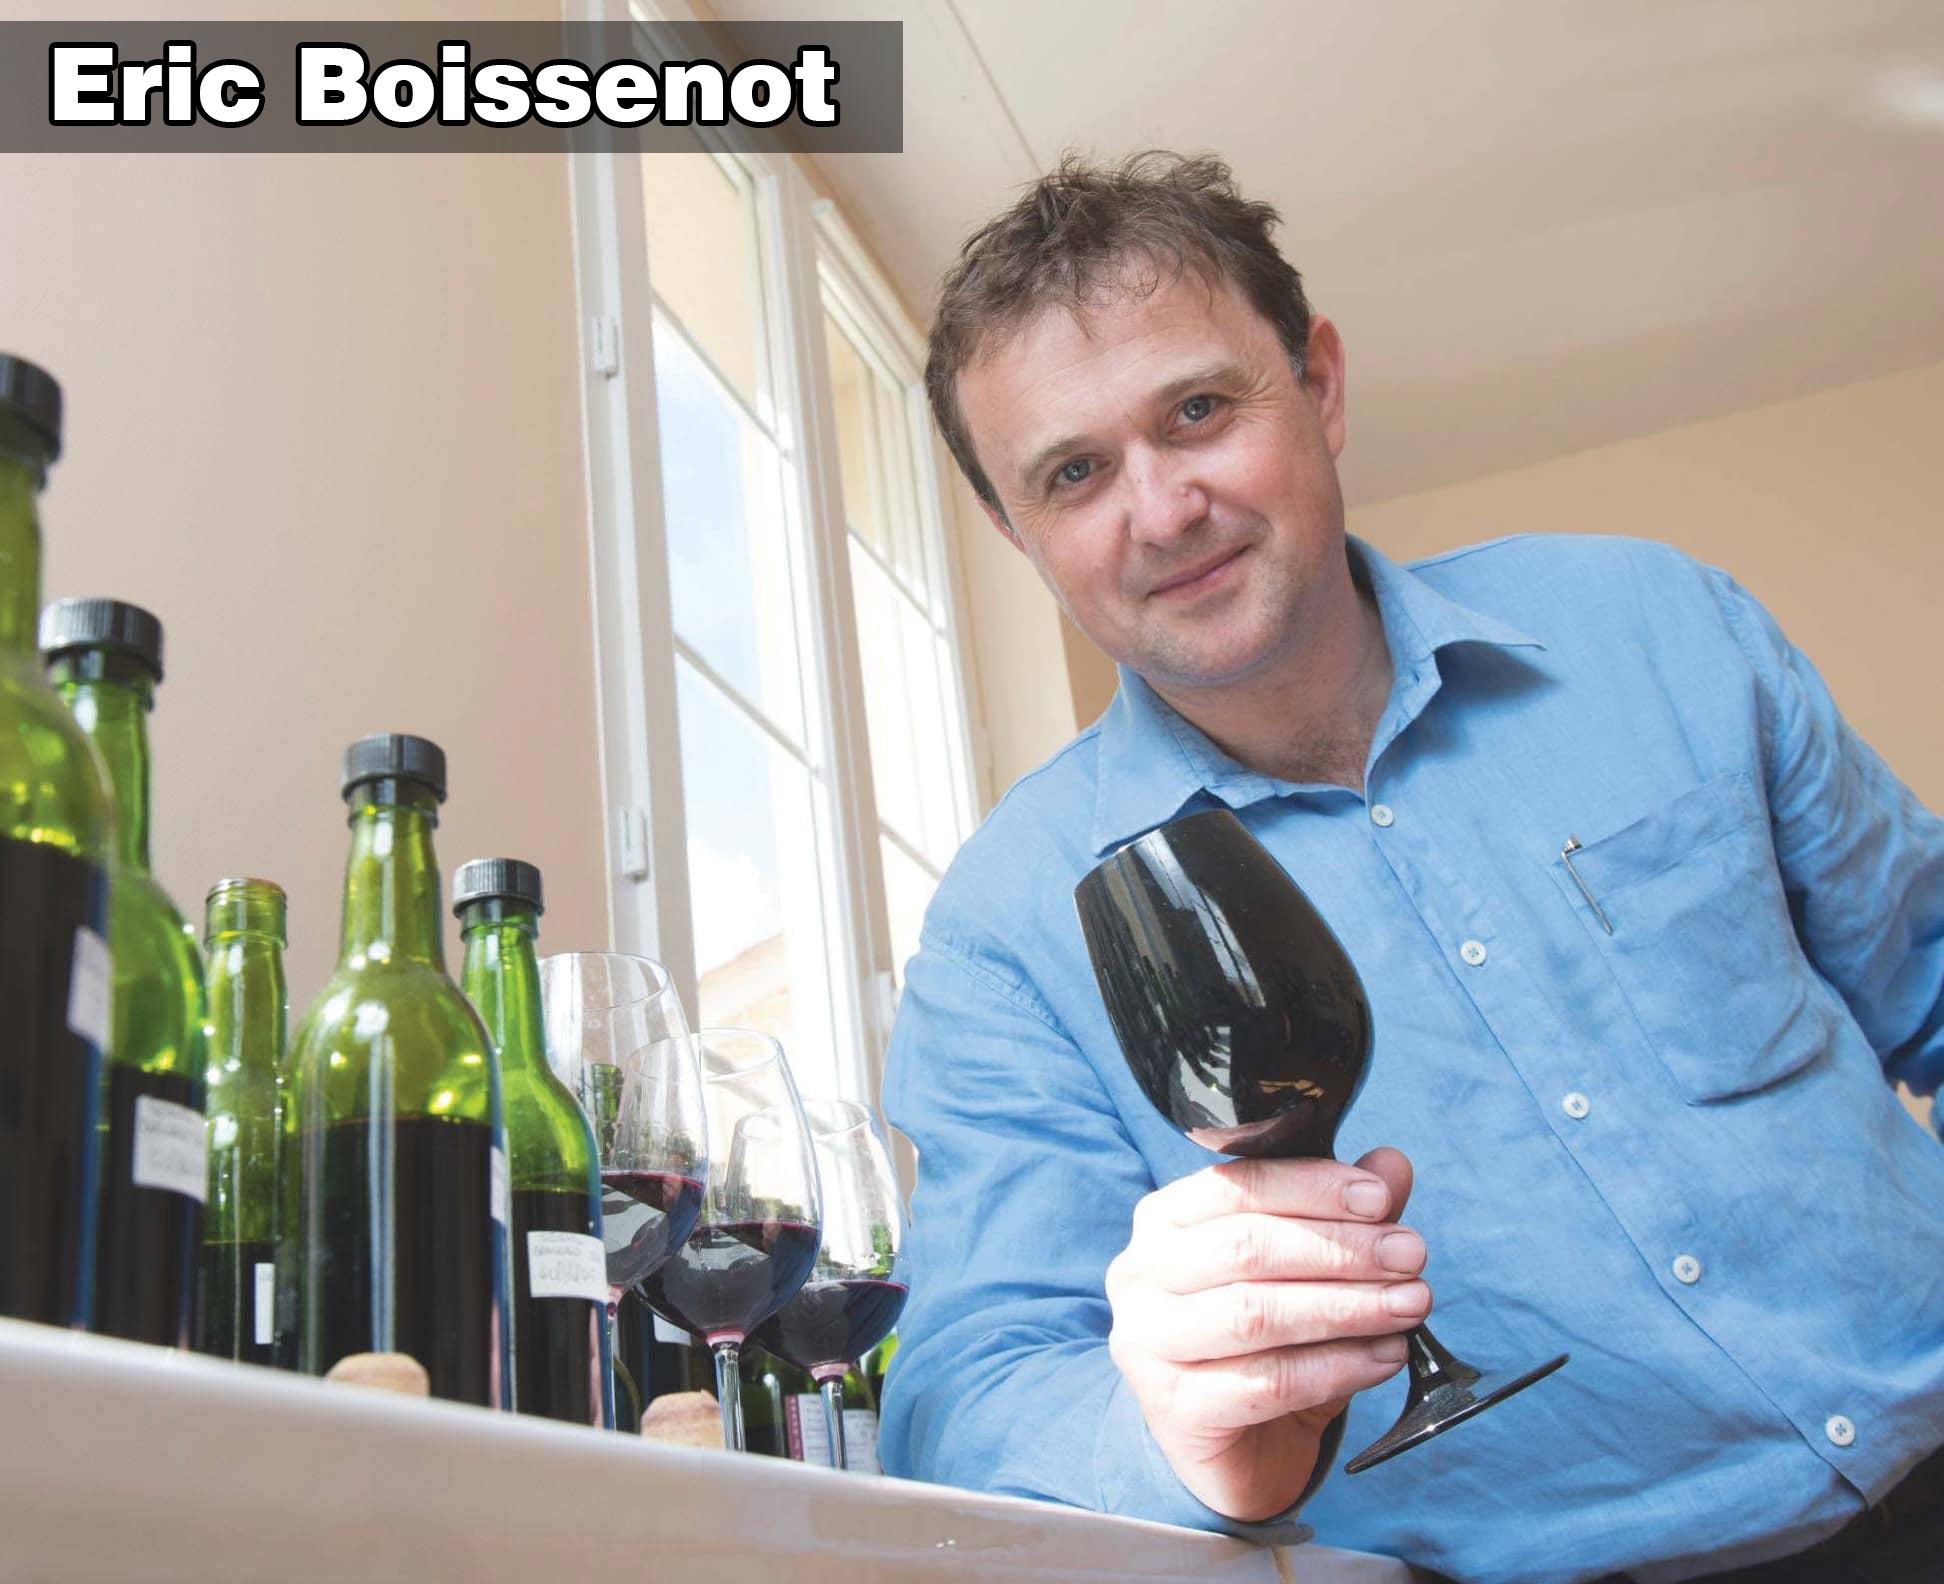 Eric Boissenot|埃里克·布瓦諾|Wine Couple 醇酒伴侶